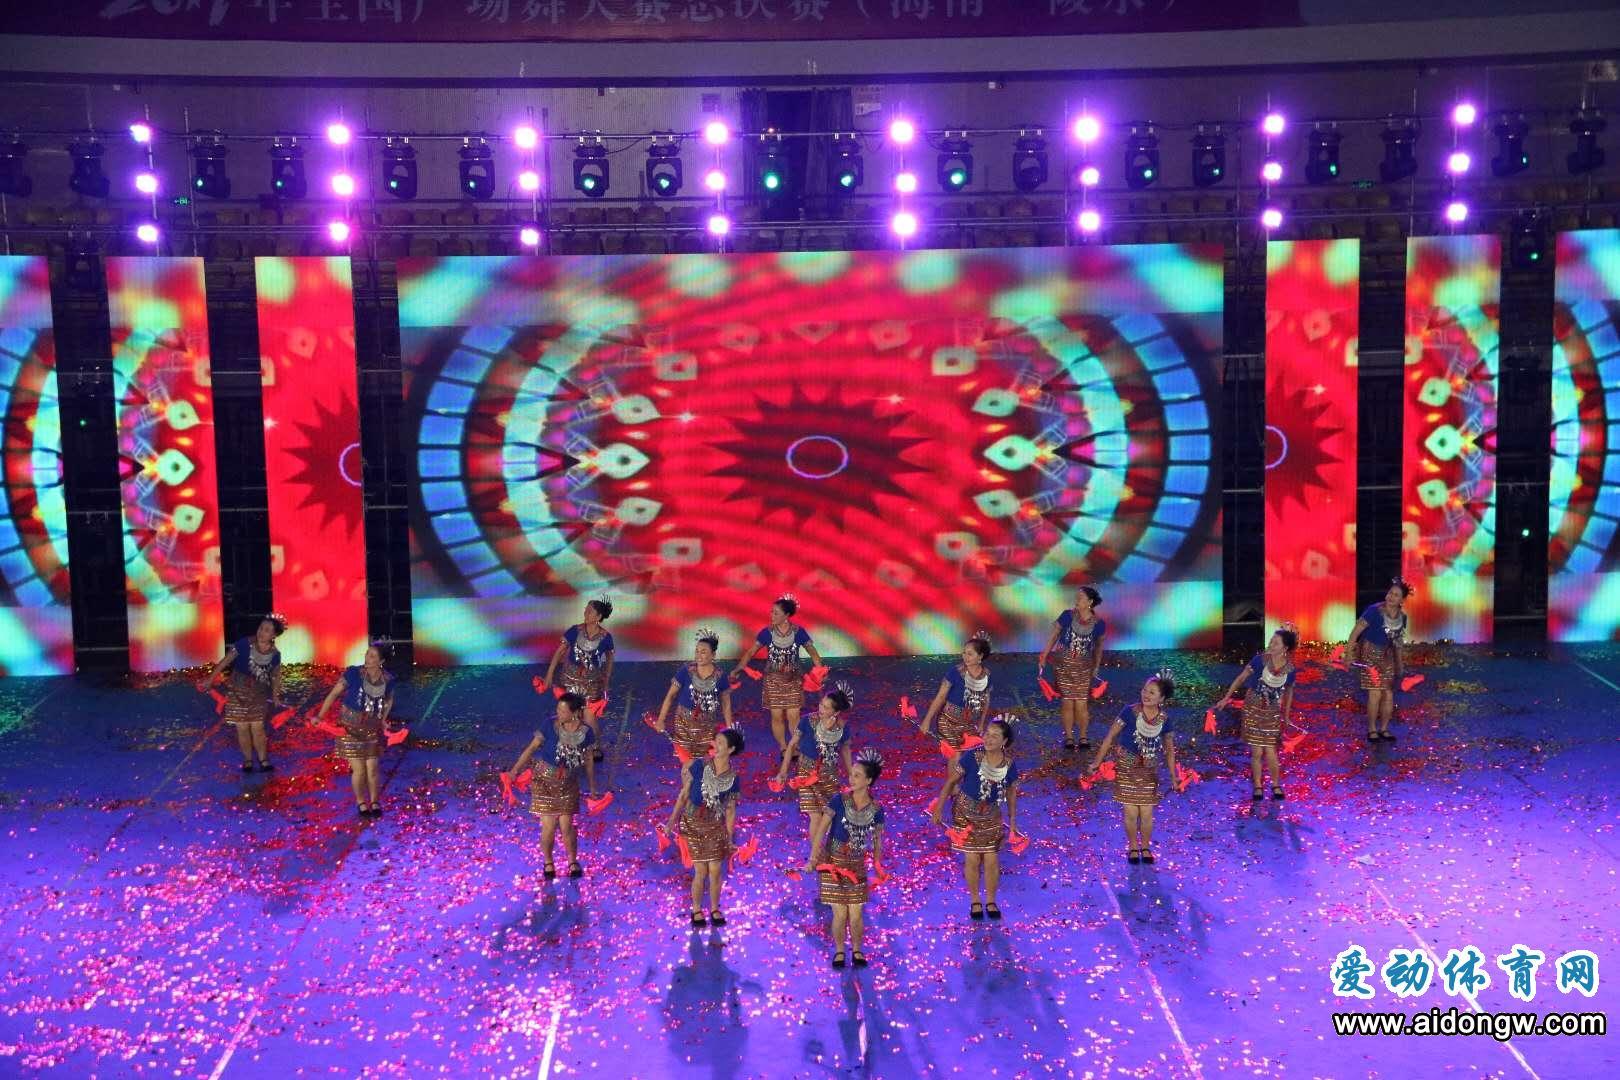 【视频】2017全国广场舞大赛总决赛开幕式(海南·陵水)